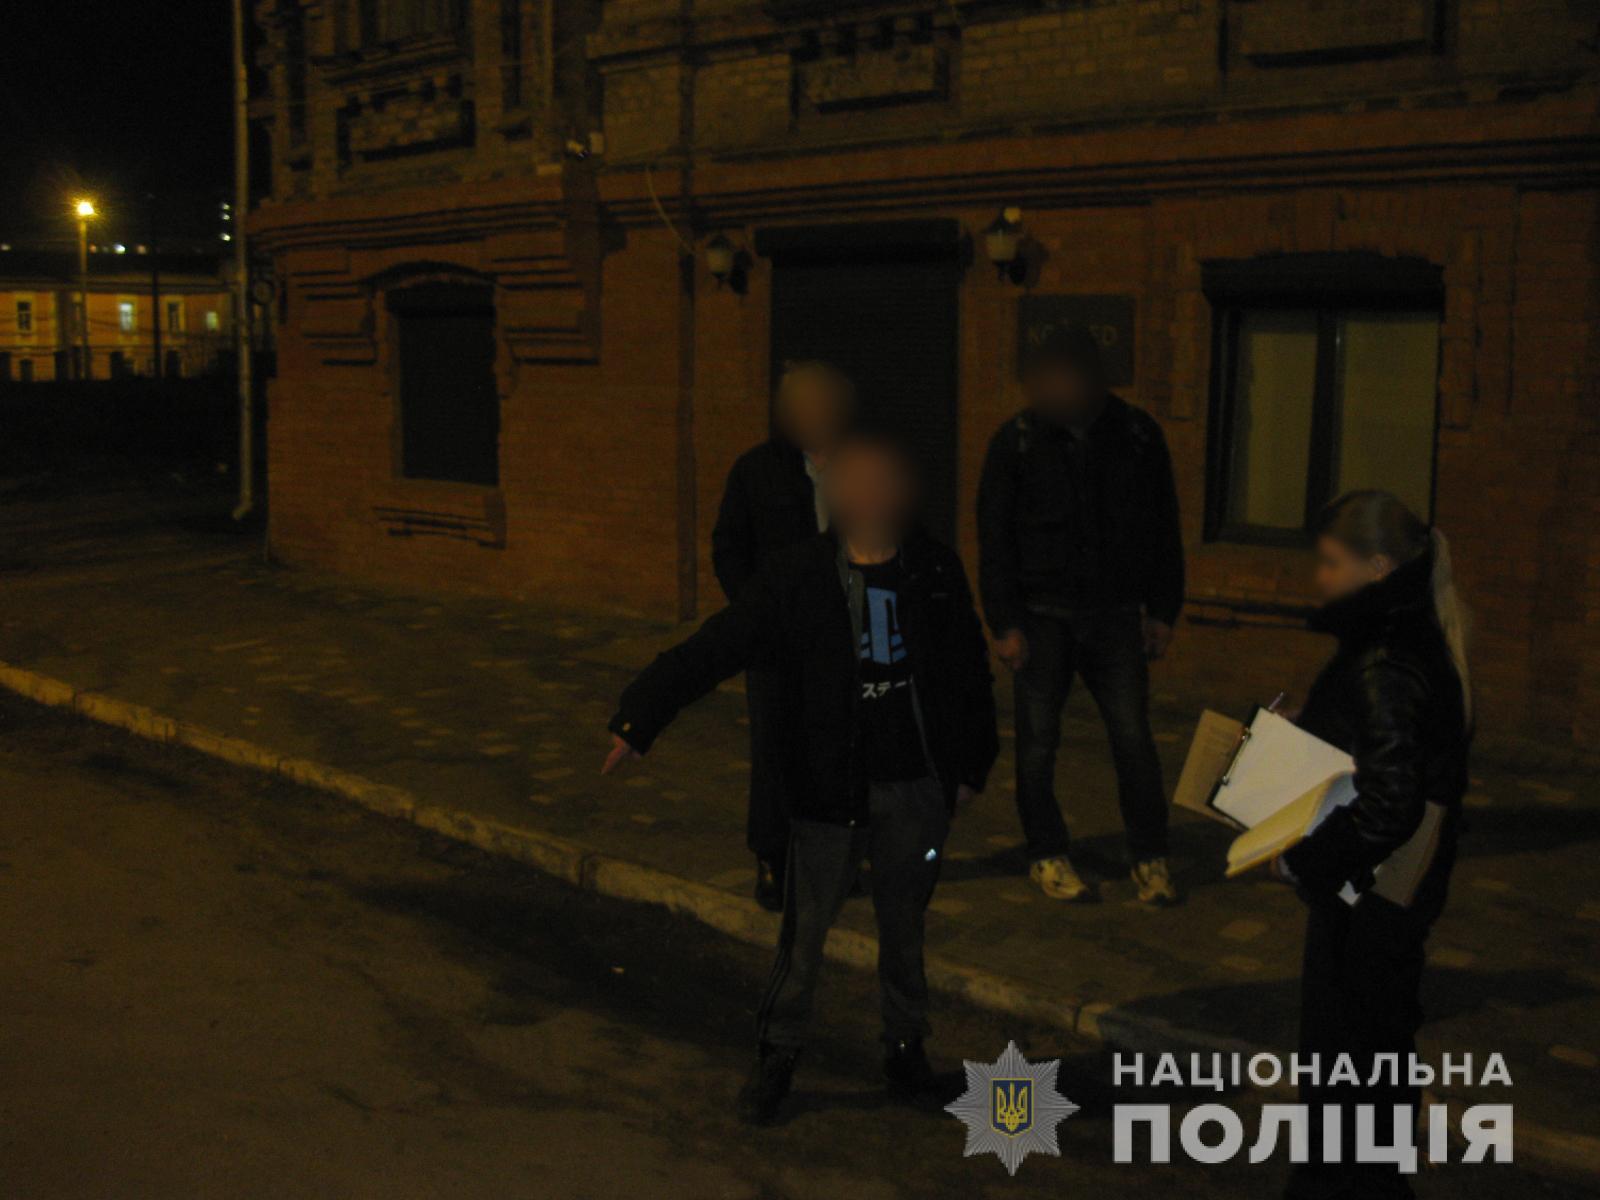 Маленькі розборки у великому Харкові: до лікарні привезли пораненого ч